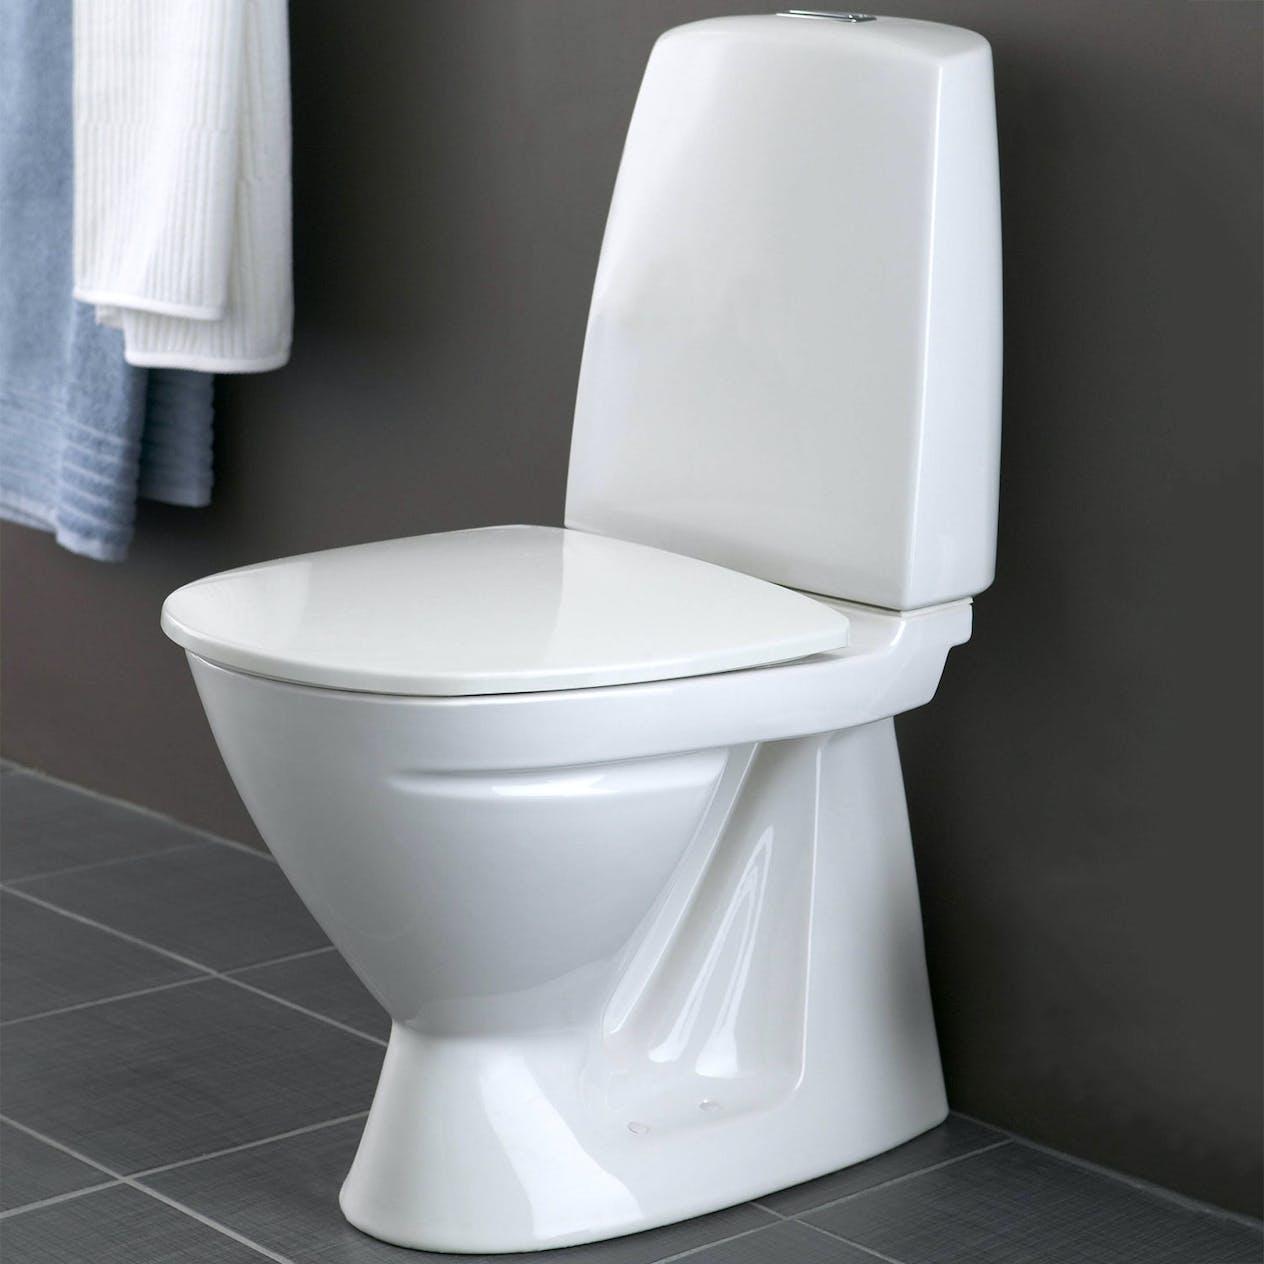 Moderne Toalettstol Ifö Sign 6860 - 686006511 - lindstromsbad.se CU41